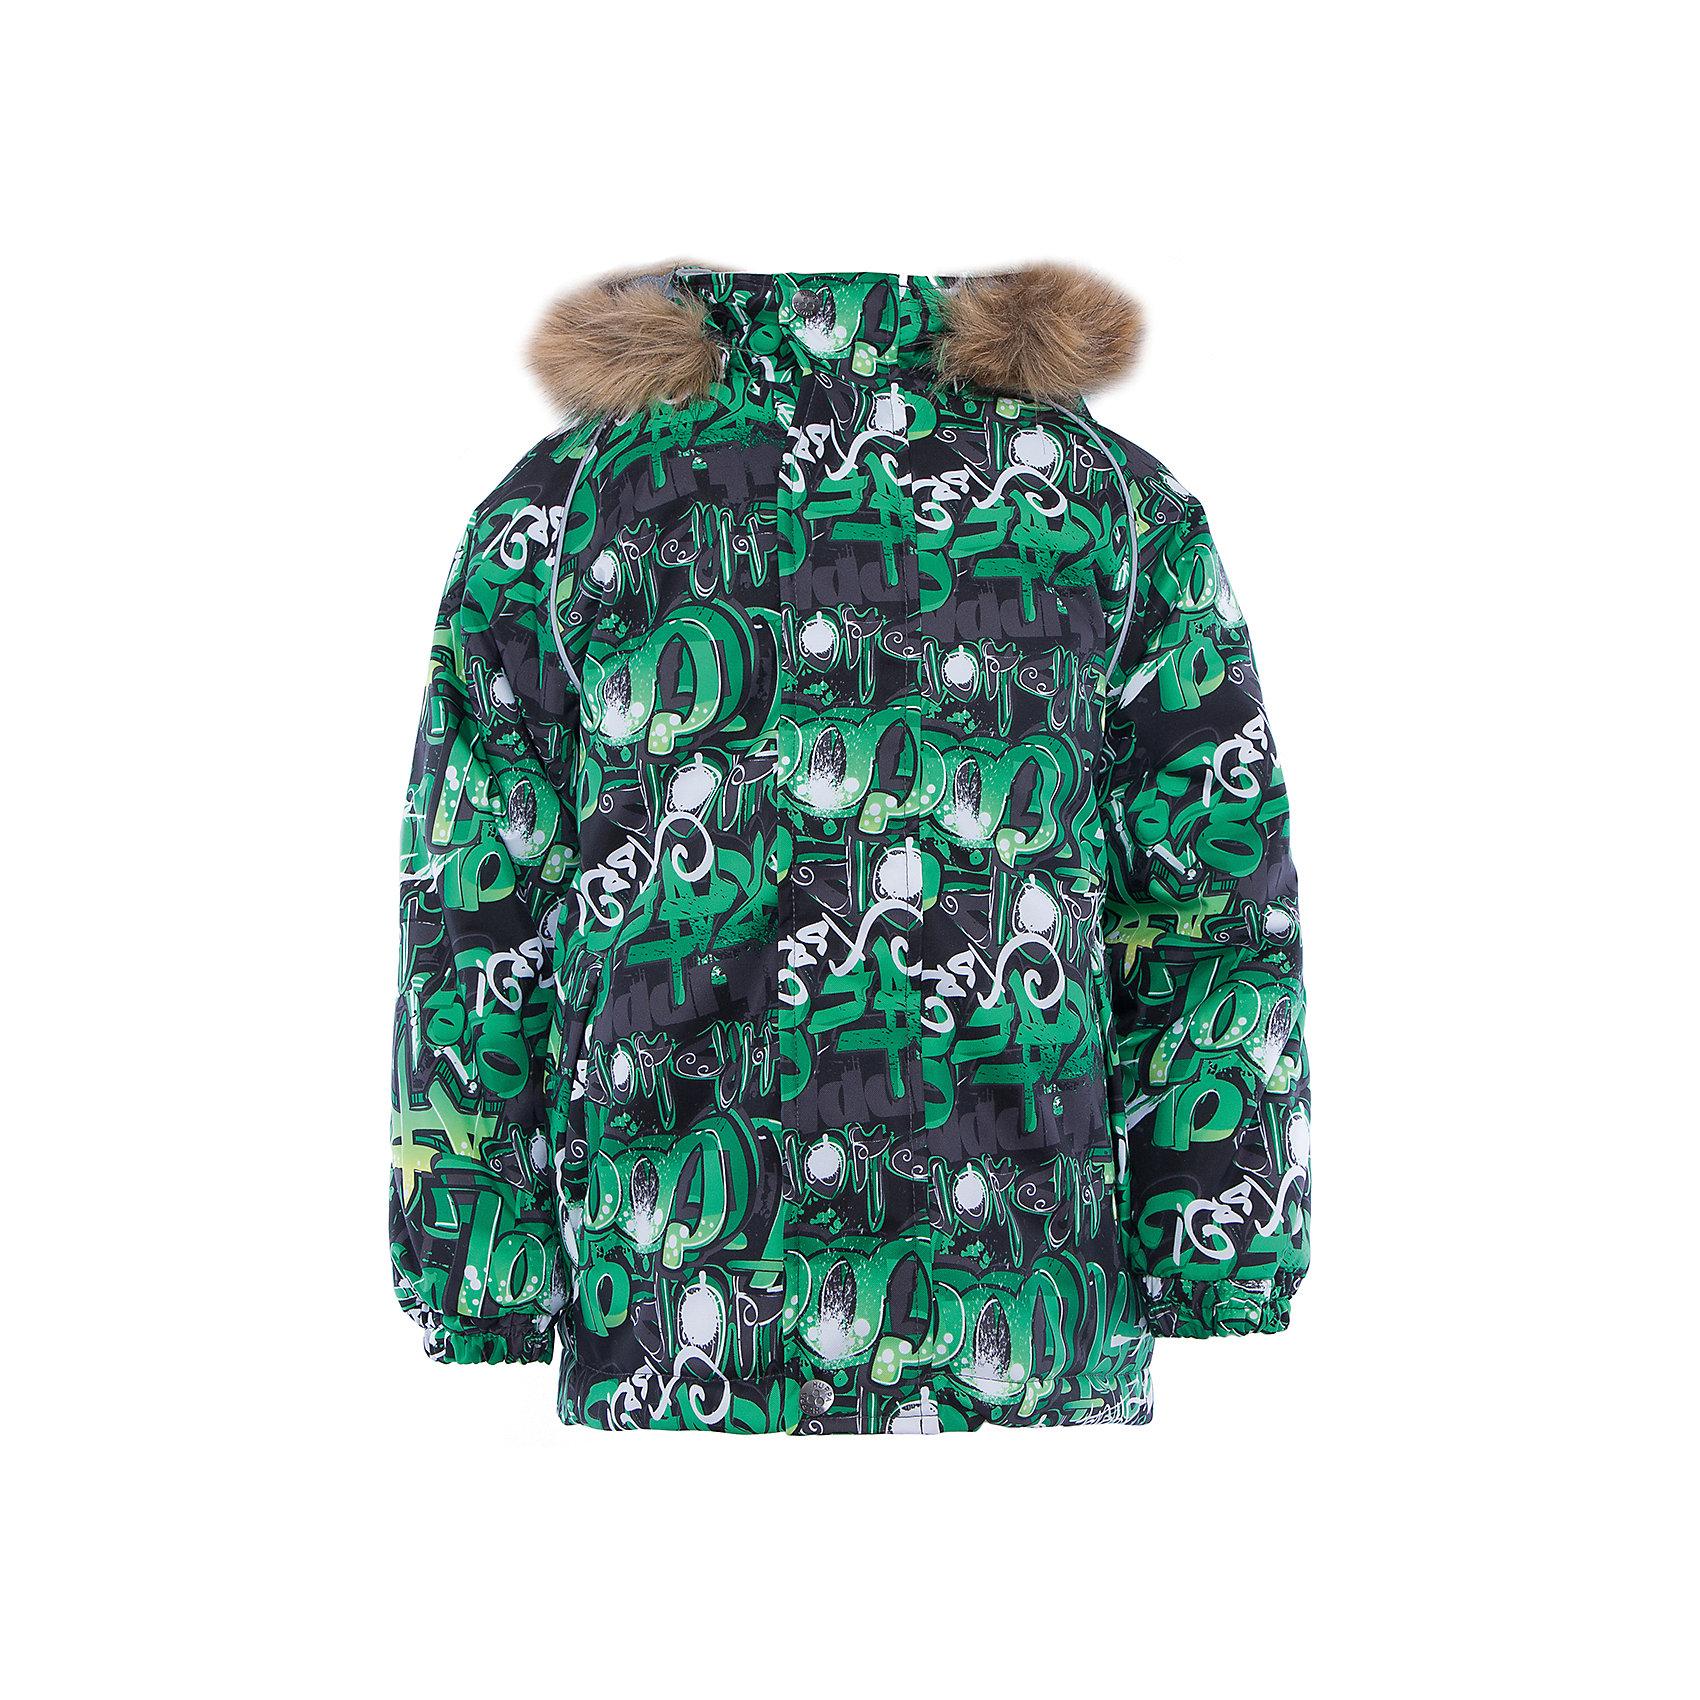 Куртка   для мальчика HuppaКуртка для мальчика MARINEL Huppa(Хуппа).<br><br>Утеплитель: 100% полиэстер, 300 гр.<br><br>Температурный режим: до -30 градусов. Степень утепления – высокая. <br><br>* Температурный режим указан приблизительно — необходимо, прежде всего, ориентироваться на ощущения ребенка. Температурный режим работает в случае соблюдения правила многослойности – использования флисовой поддевы и термобелья.<br><br>Изготовлена из теплых и прочных материалов. Верх куртки с дышащей водоотталкивающей поверхностью поможет ребенку оставаться в сухости и тепле. На манжетах предусмотрены резинки, чтобы снег не попадал под одежду. Капюшон куртки с искусственным мехом отстегивается. <br>Куртка легко стирается, быстро сохнет и защищена от истирания. Отлично подойдет для зимних прогулок.<br><br>Дополнительная информация:<br>Материал: 100% полиэстер<br>Подкладка: тафта - 100% полиэстер, флис - 100% полиэстер<br>Цвет: зеленый/черный<br><br>Куртку MARINEL Huppa(Хуппа) можно купить в нашем интернет-магазине.<br><br>Ширина мм: 356<br>Глубина мм: 10<br>Высота мм: 245<br>Вес г: 519<br>Цвет: зеленый<br>Возраст от месяцев: 72<br>Возраст до месяцев: 84<br>Пол: Мужской<br>Возраст: Детский<br>Размер: 122,92,140,134,128,116,110,104,98<br>SKU: 4928137